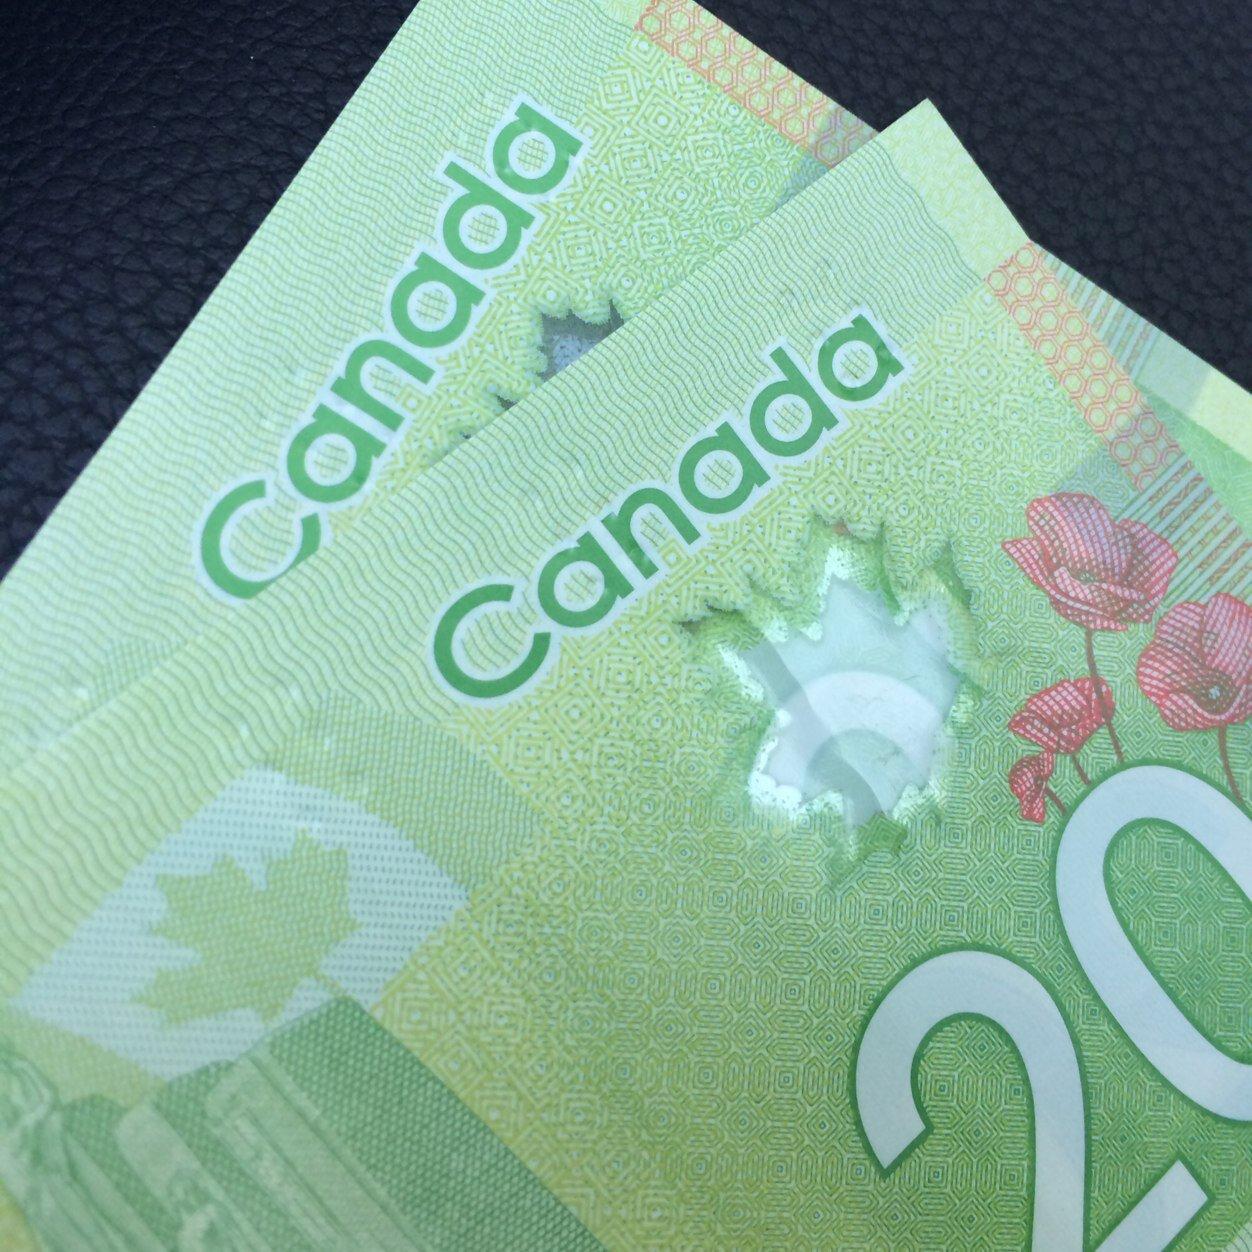 Hidden Cash in 519! (@HiddenCash519) | Twitter